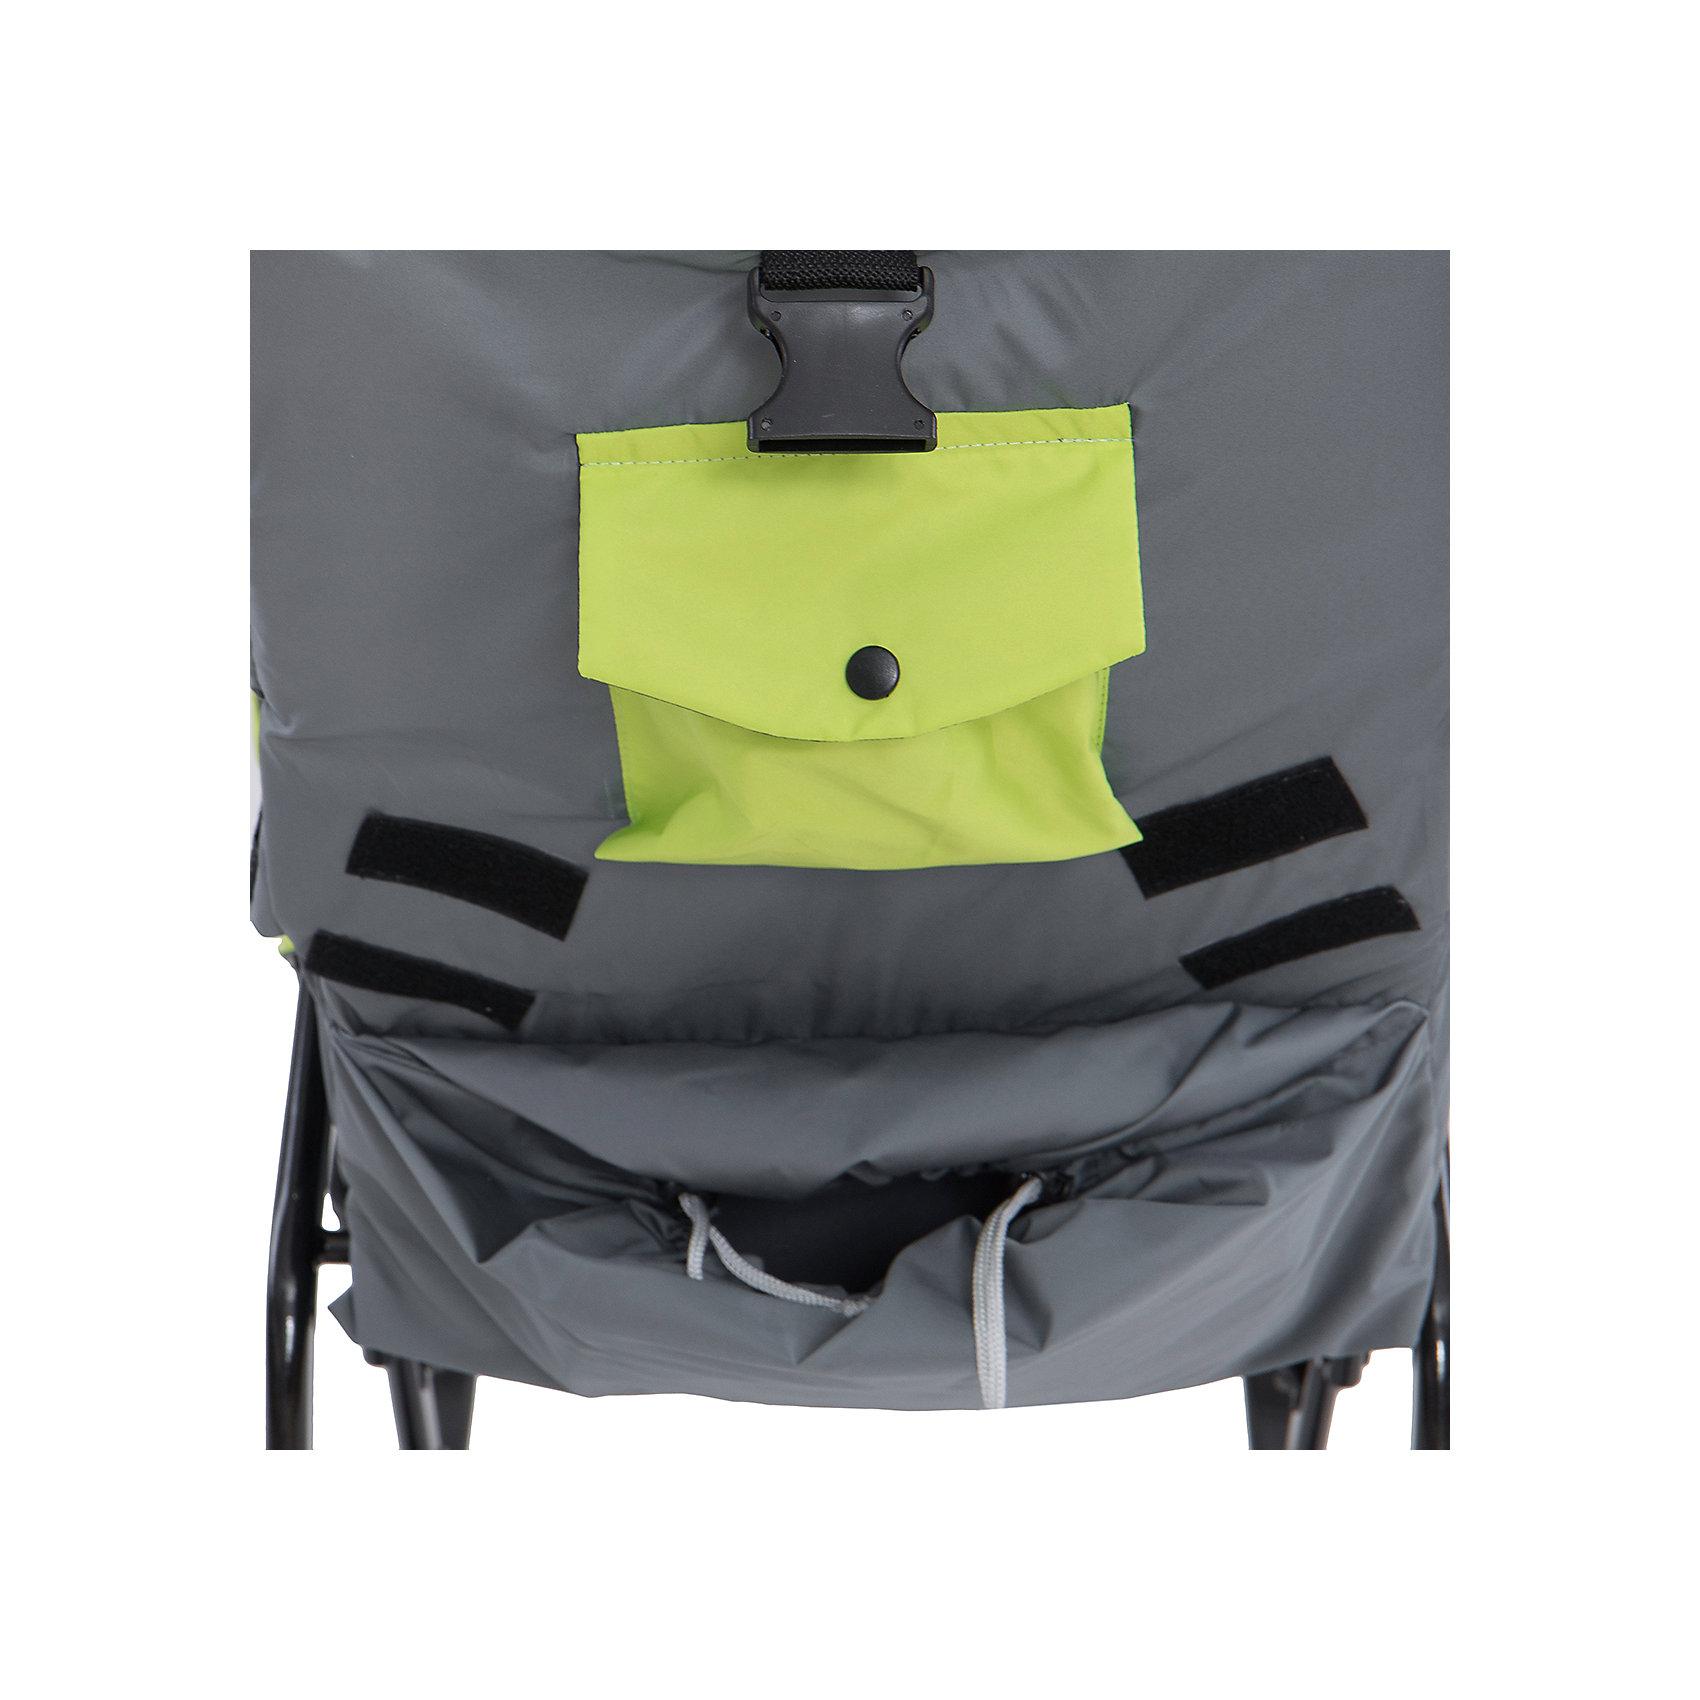 Санки-коляска Снегурочка 2P-1, ABC Academy, серый/зеленый